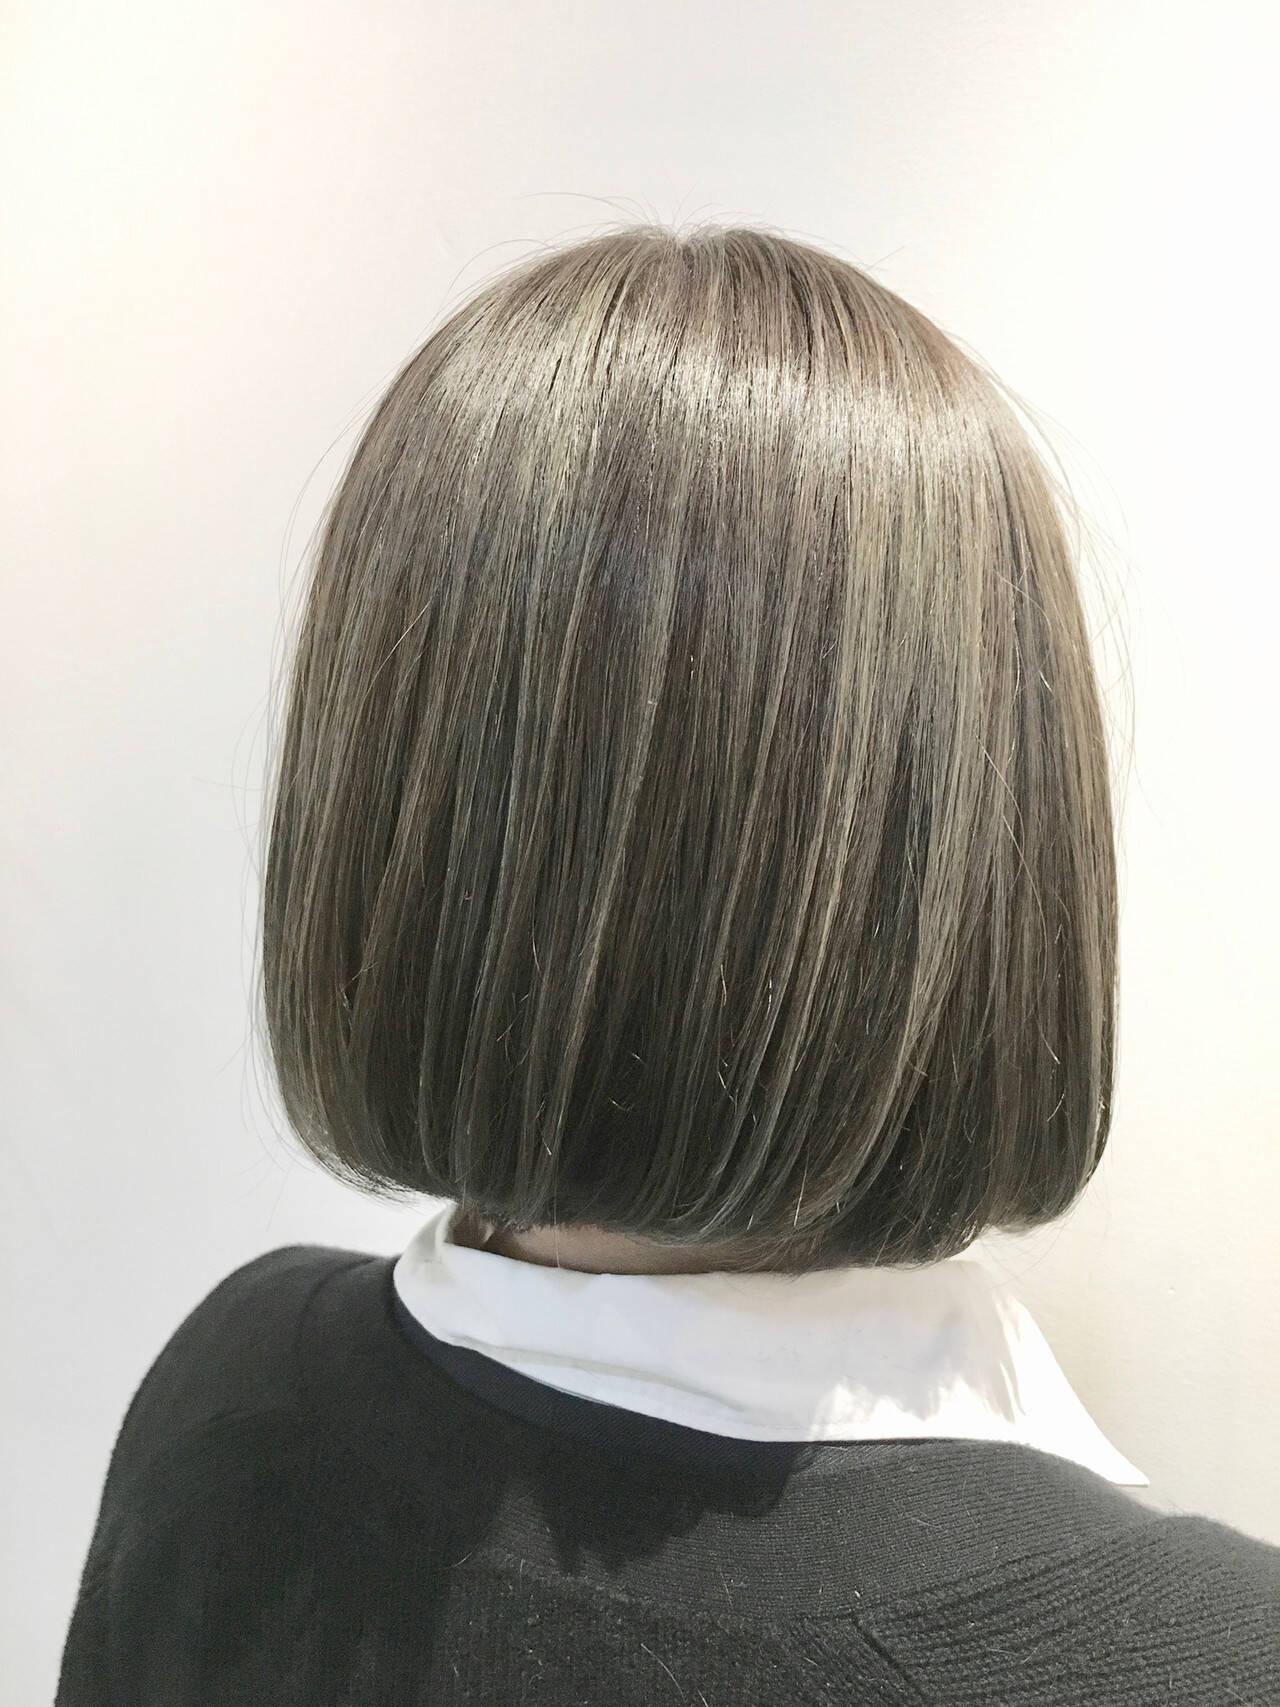 グレージュ ガーリー カーキアッシュ ハイライトヘアスタイルや髪型の写真・画像